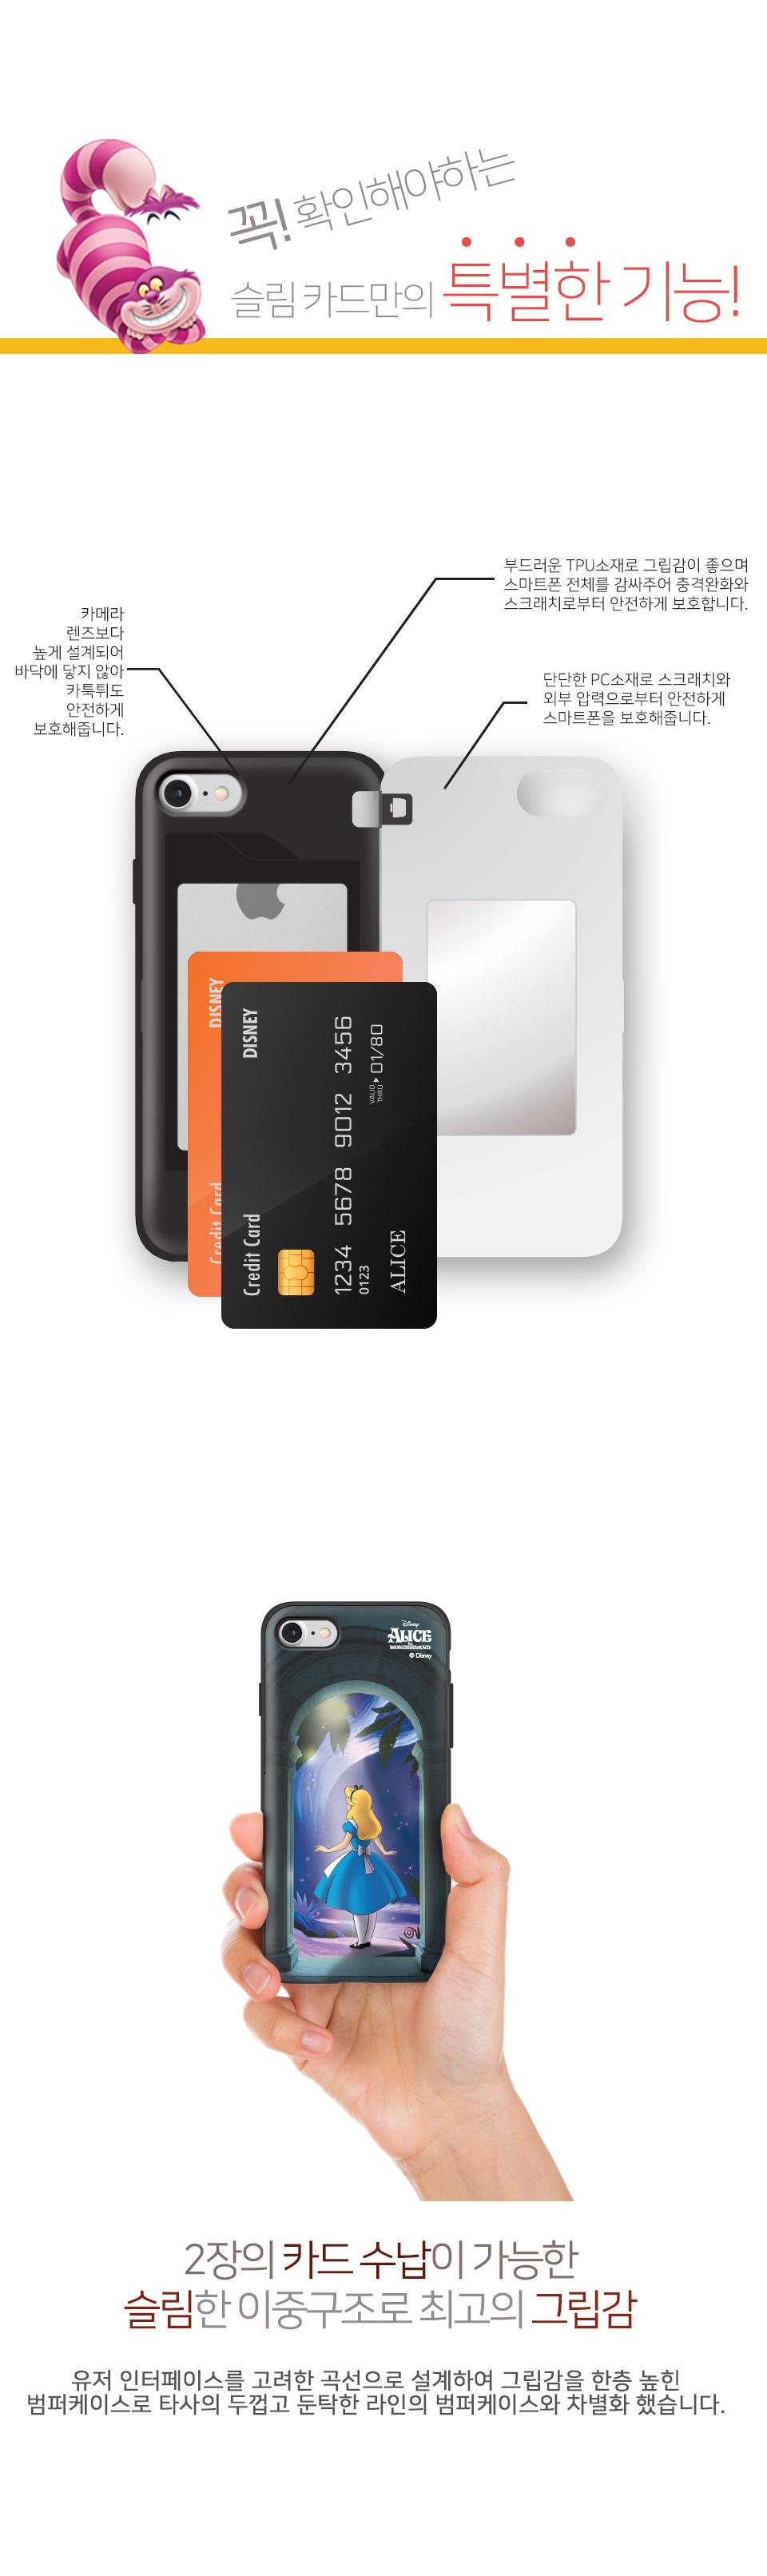 디즈니 앨리스 카드 케이스 원더랜드 - 스토리너스, 25,000원, 케이스, 아이폰X